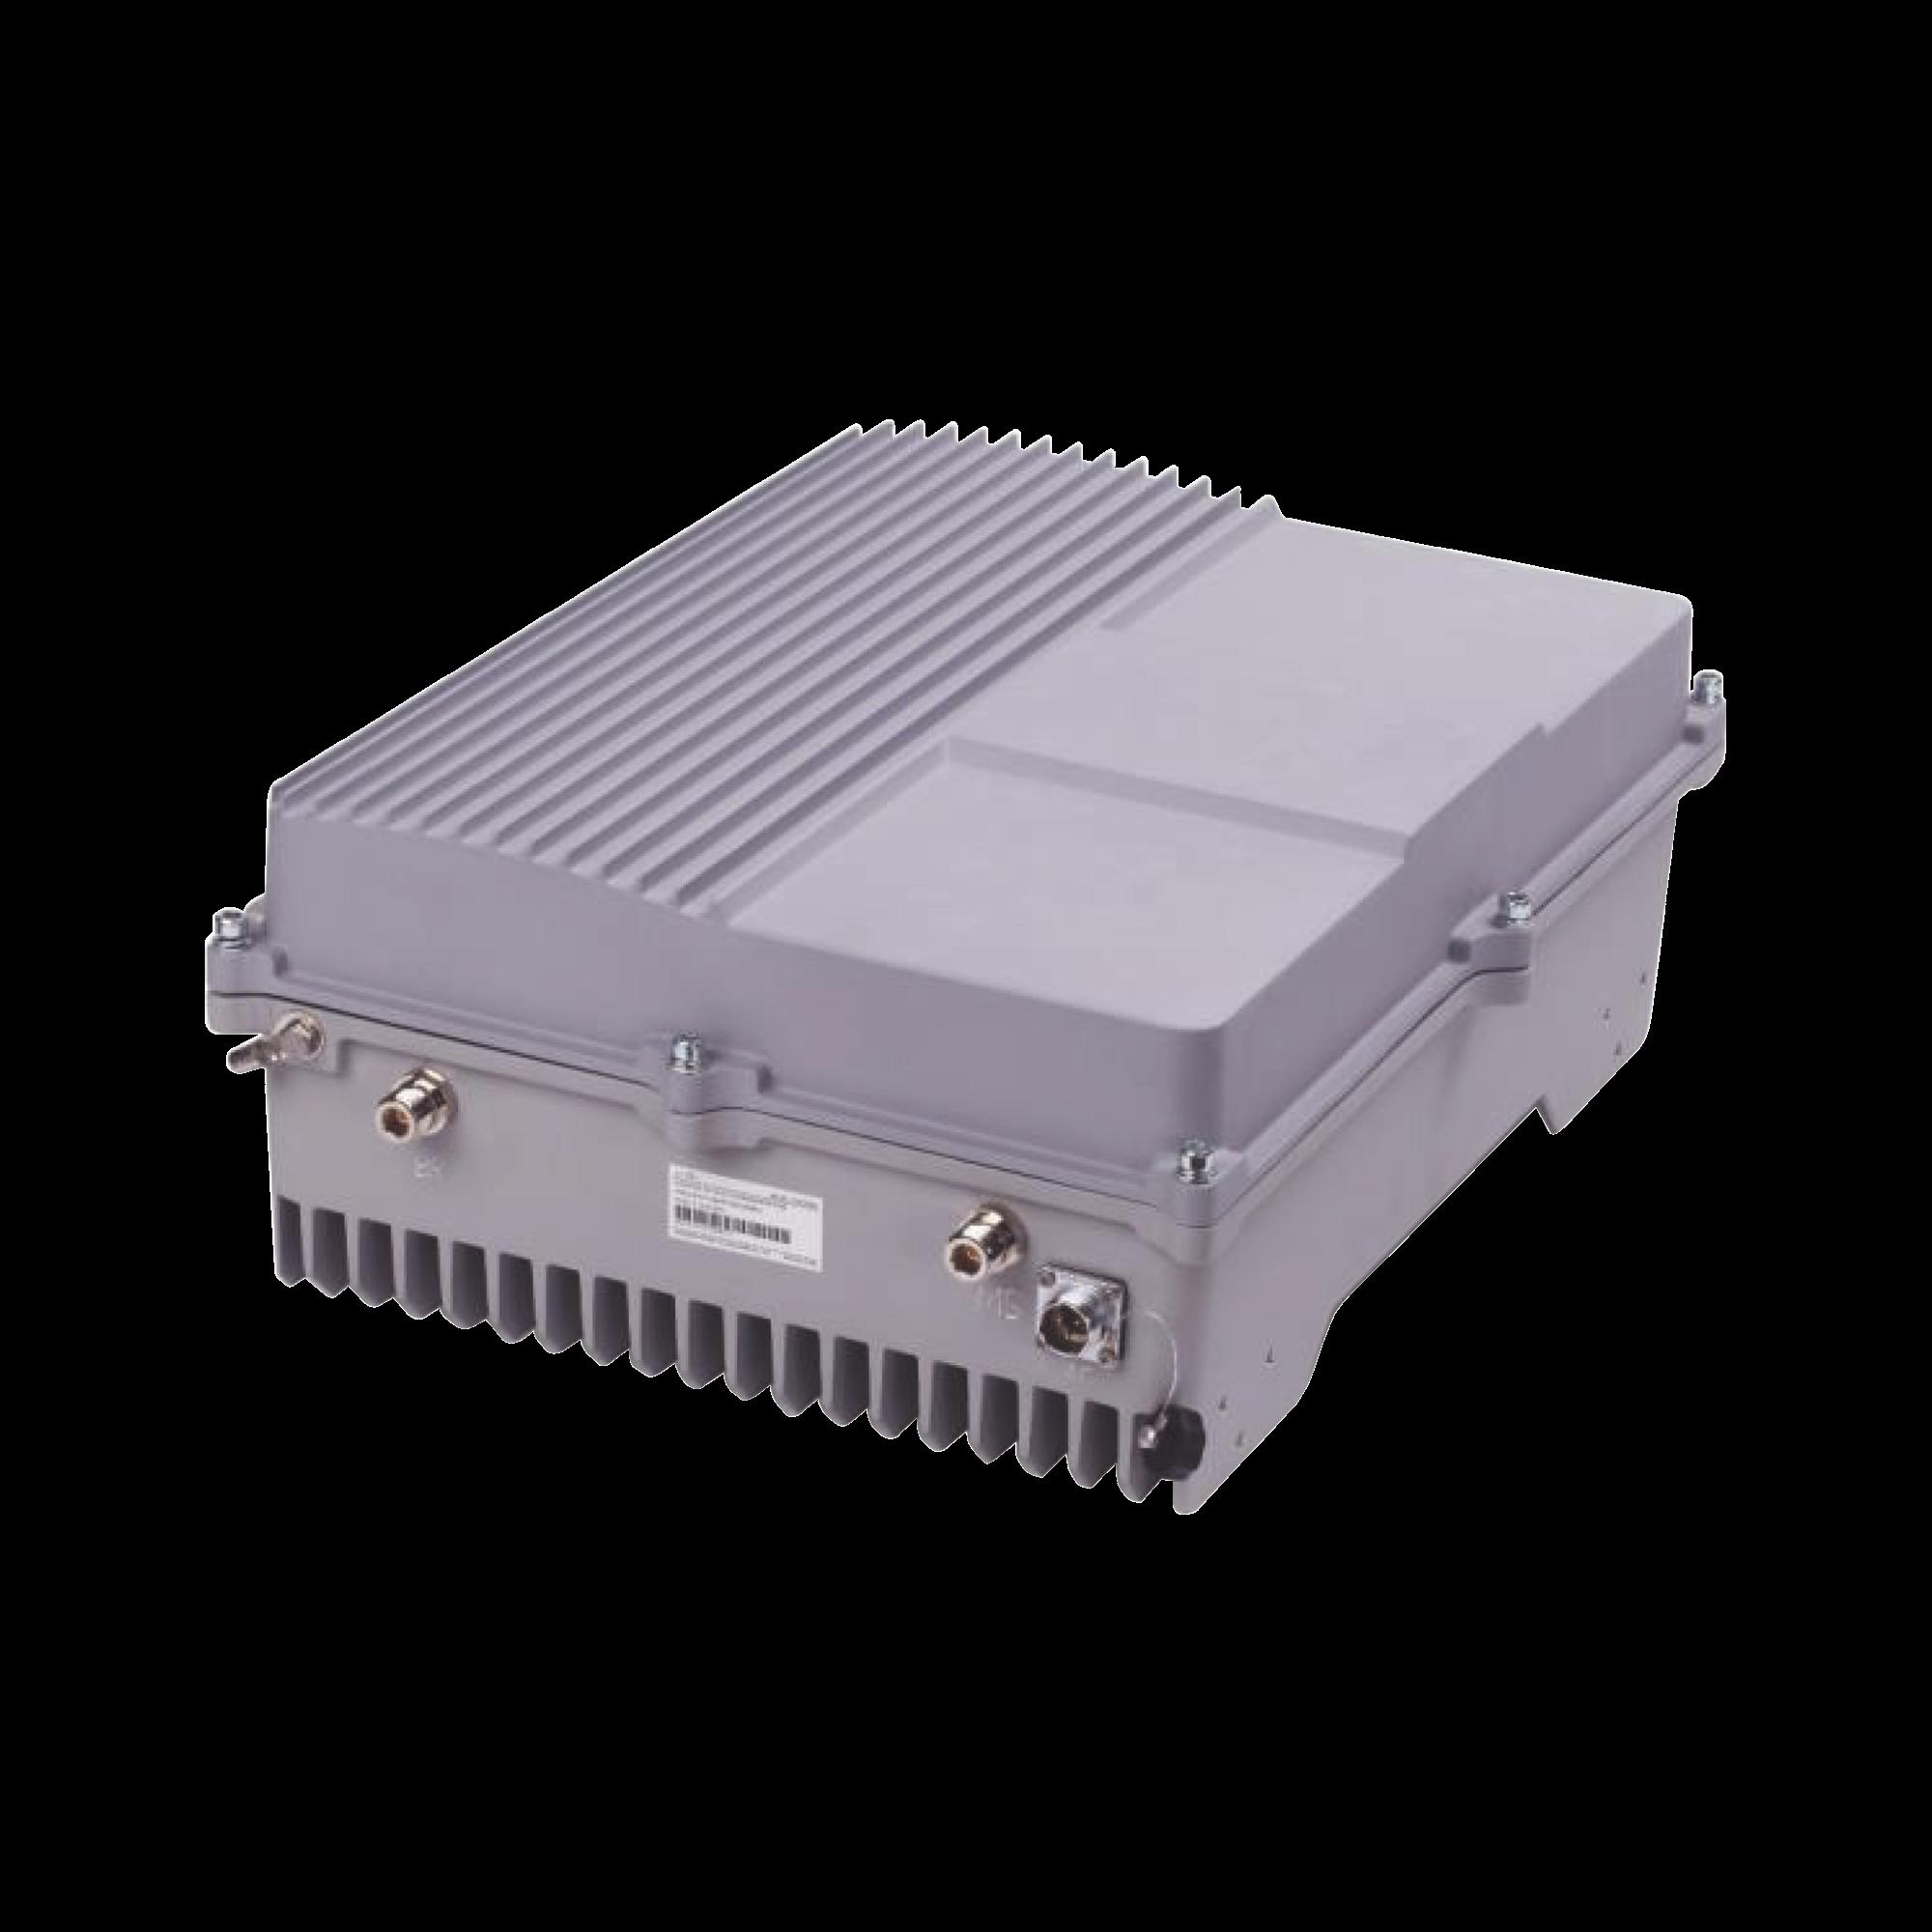 (HASTA 5 KILóMETROS) Amplificador de Señal Celular de ALTA POTENCIA: Especial para Crear una Zona Celular en áreas Rurales o Comunidades Alejadas. 95 dB de Ganancia, 20 Watts de Potencia, 1900 MHz